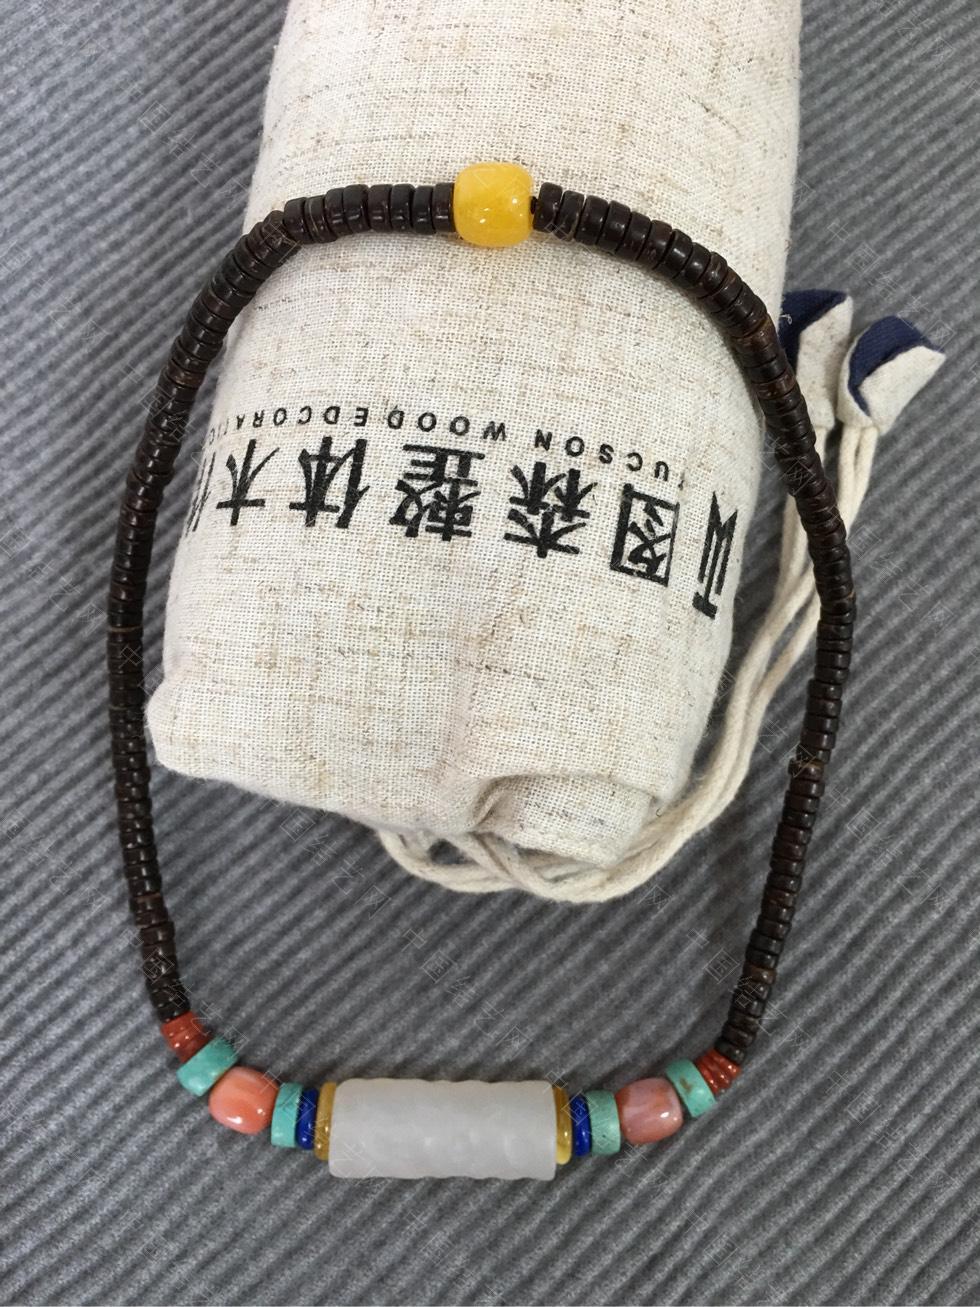 中国结论坛 项链再次改穿  作品展示 022006p54odliu4k8pgzgo